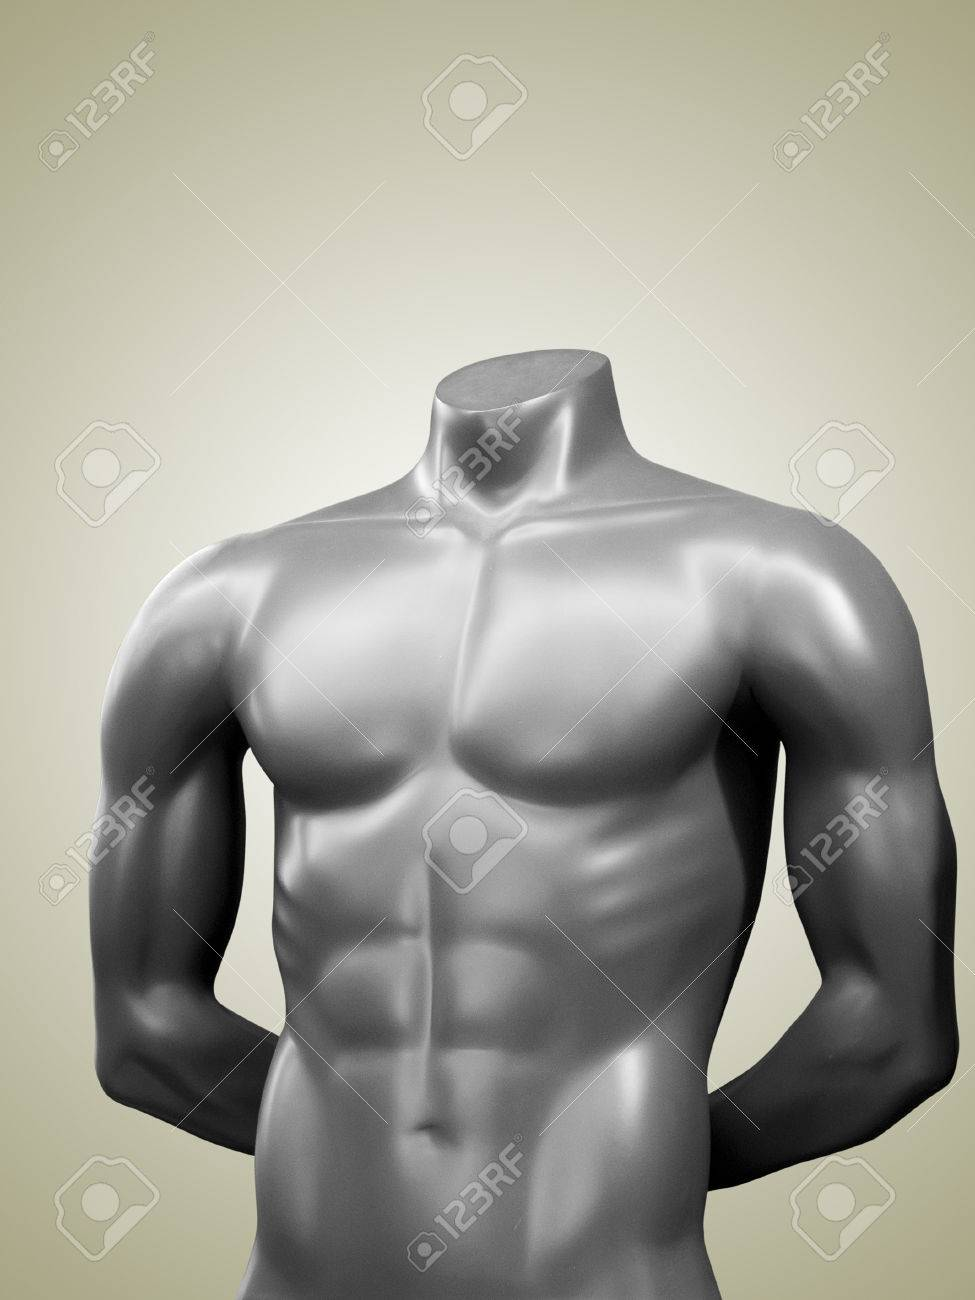 bekleidet weiblichen nackten mannlichen pic